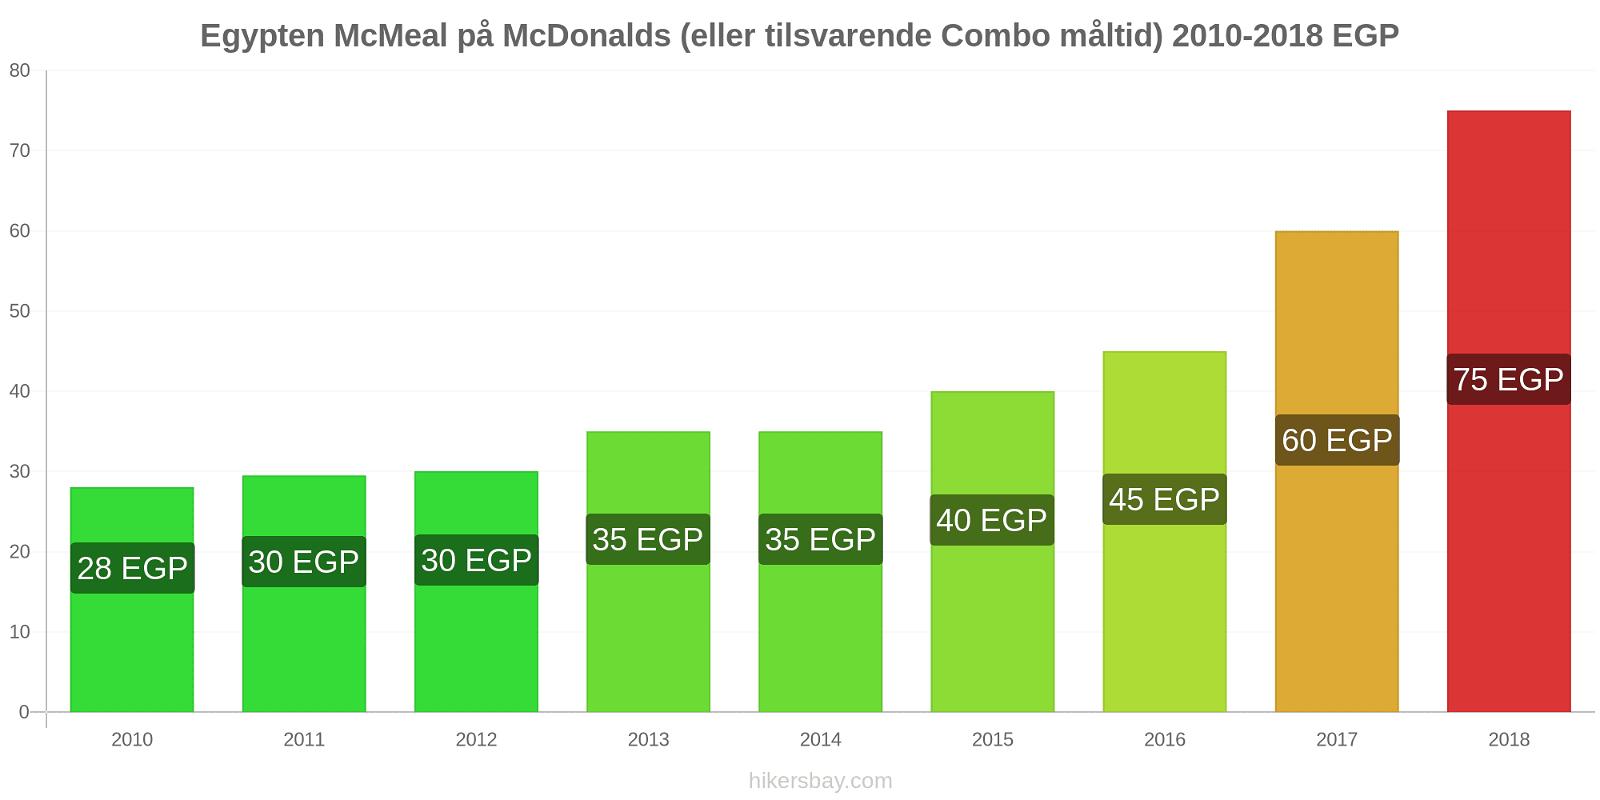 Egypten prisændringer McMeal på McDonalds (eller tilsvarende Combo måltid) hikersbay.com